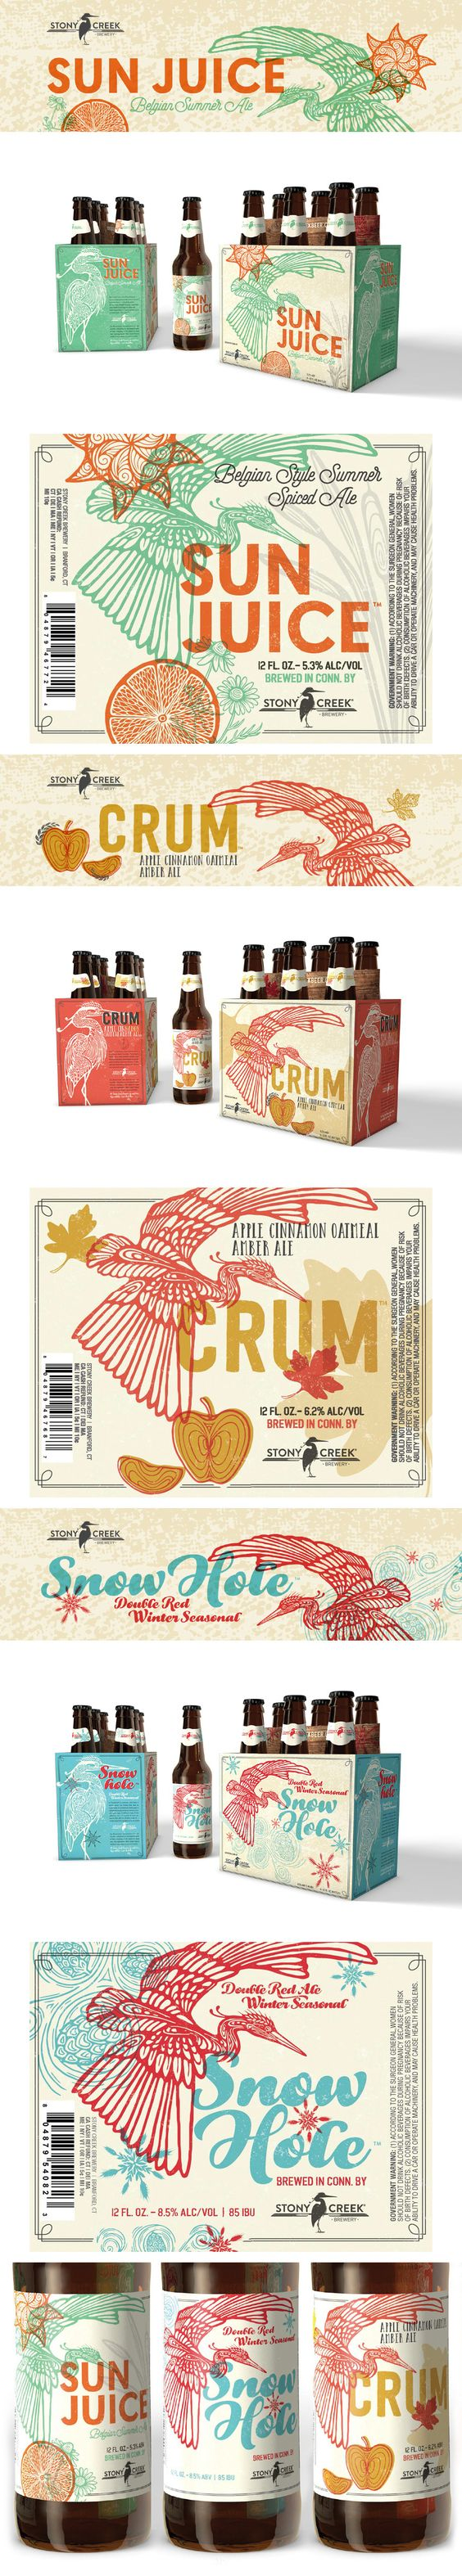 Stony Creek Brewery Seasonal Beer Series Packaging